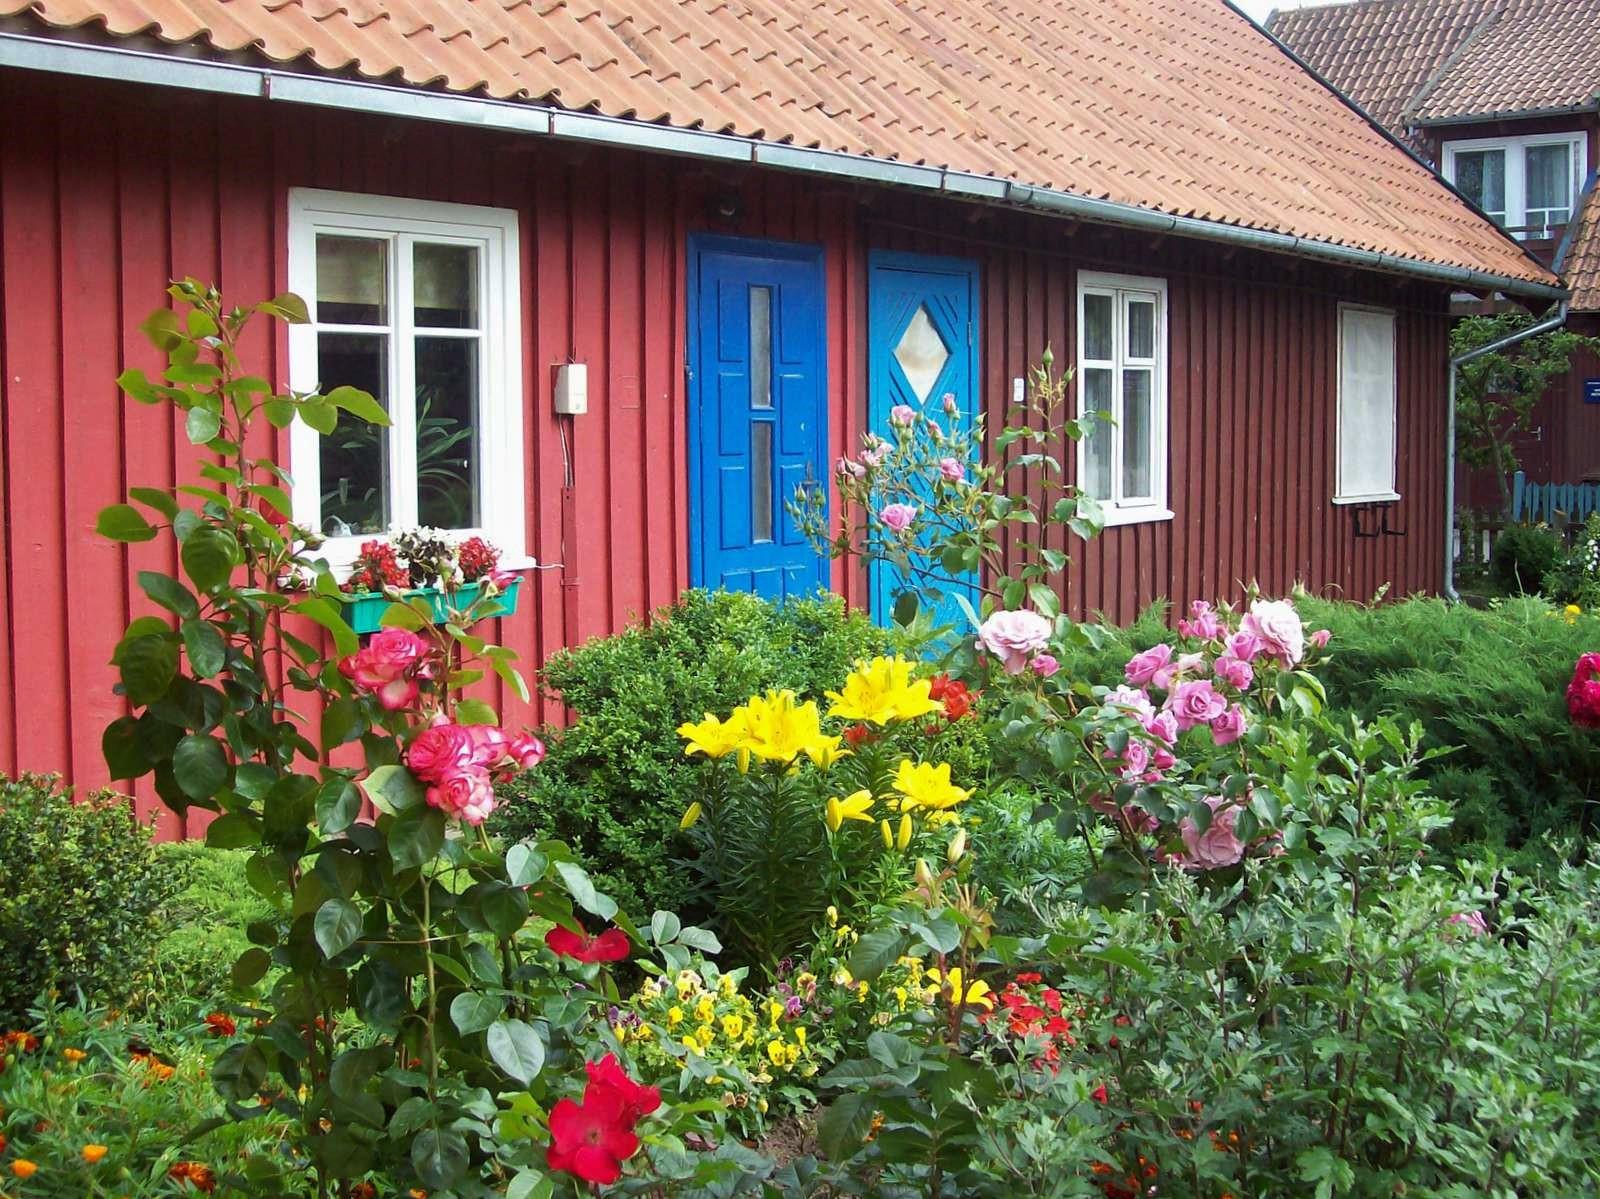 Haus in Nidden - Kurische Nehrung